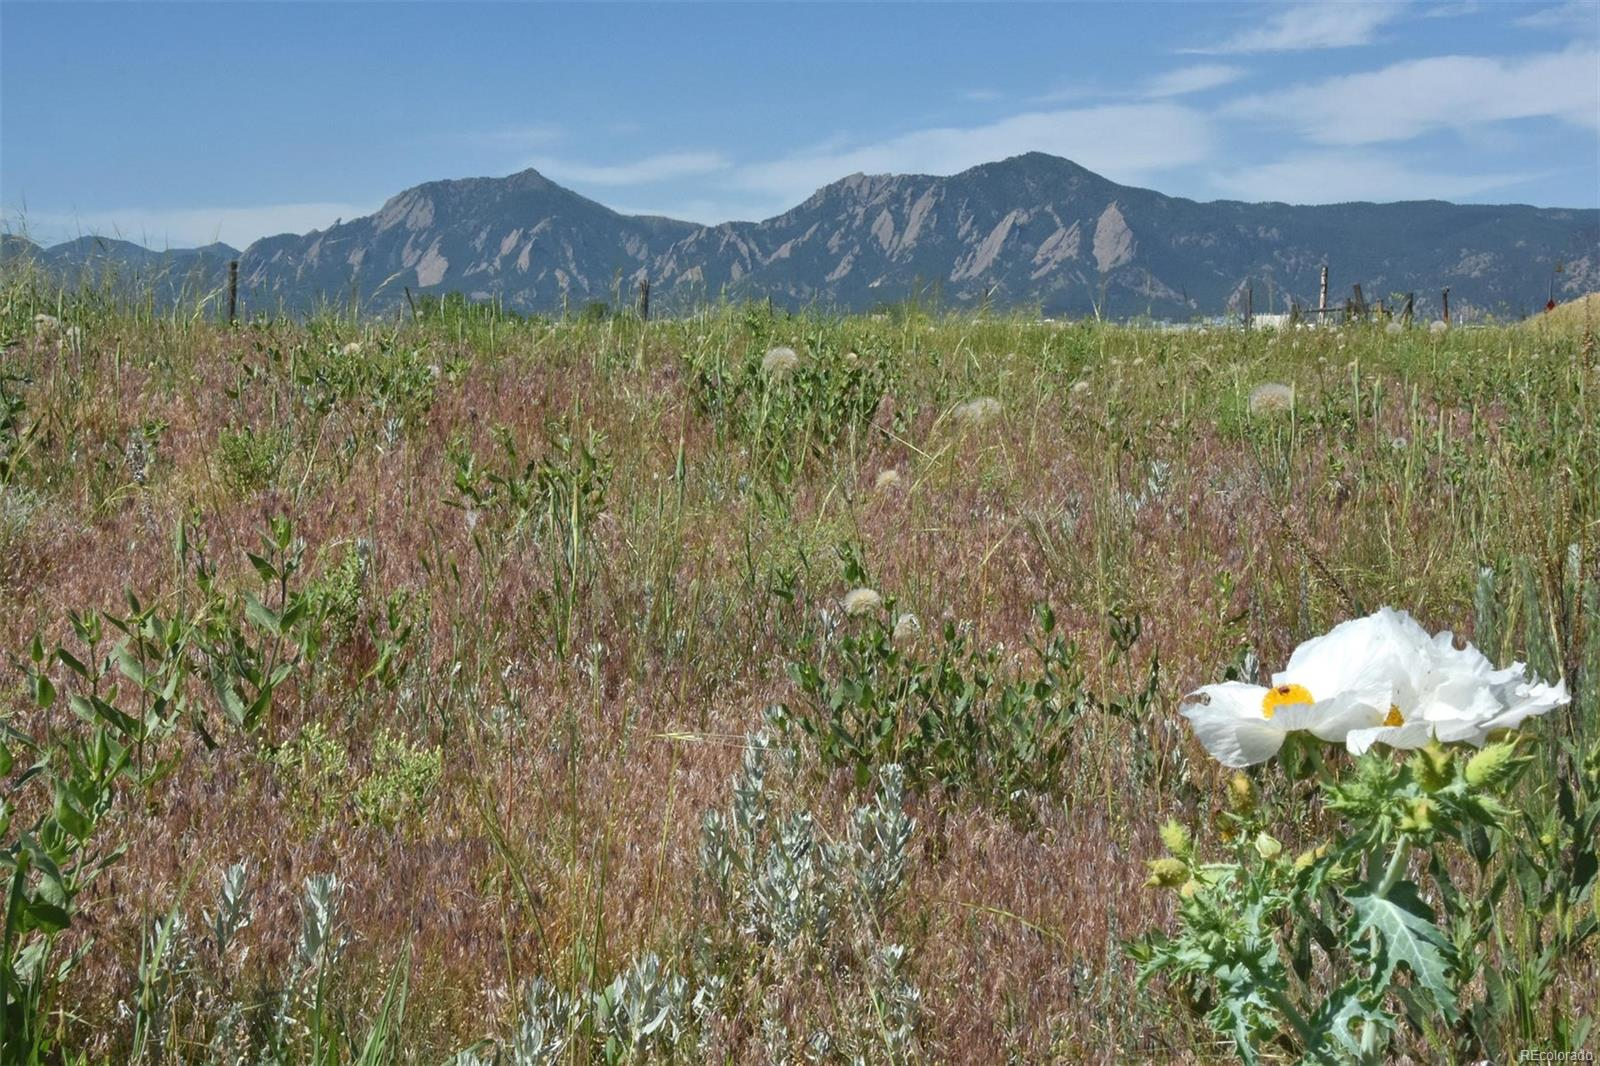 5864 Rustic Knolls Drive, Boulder, CO 80301 - Boulder, CO real estate listing